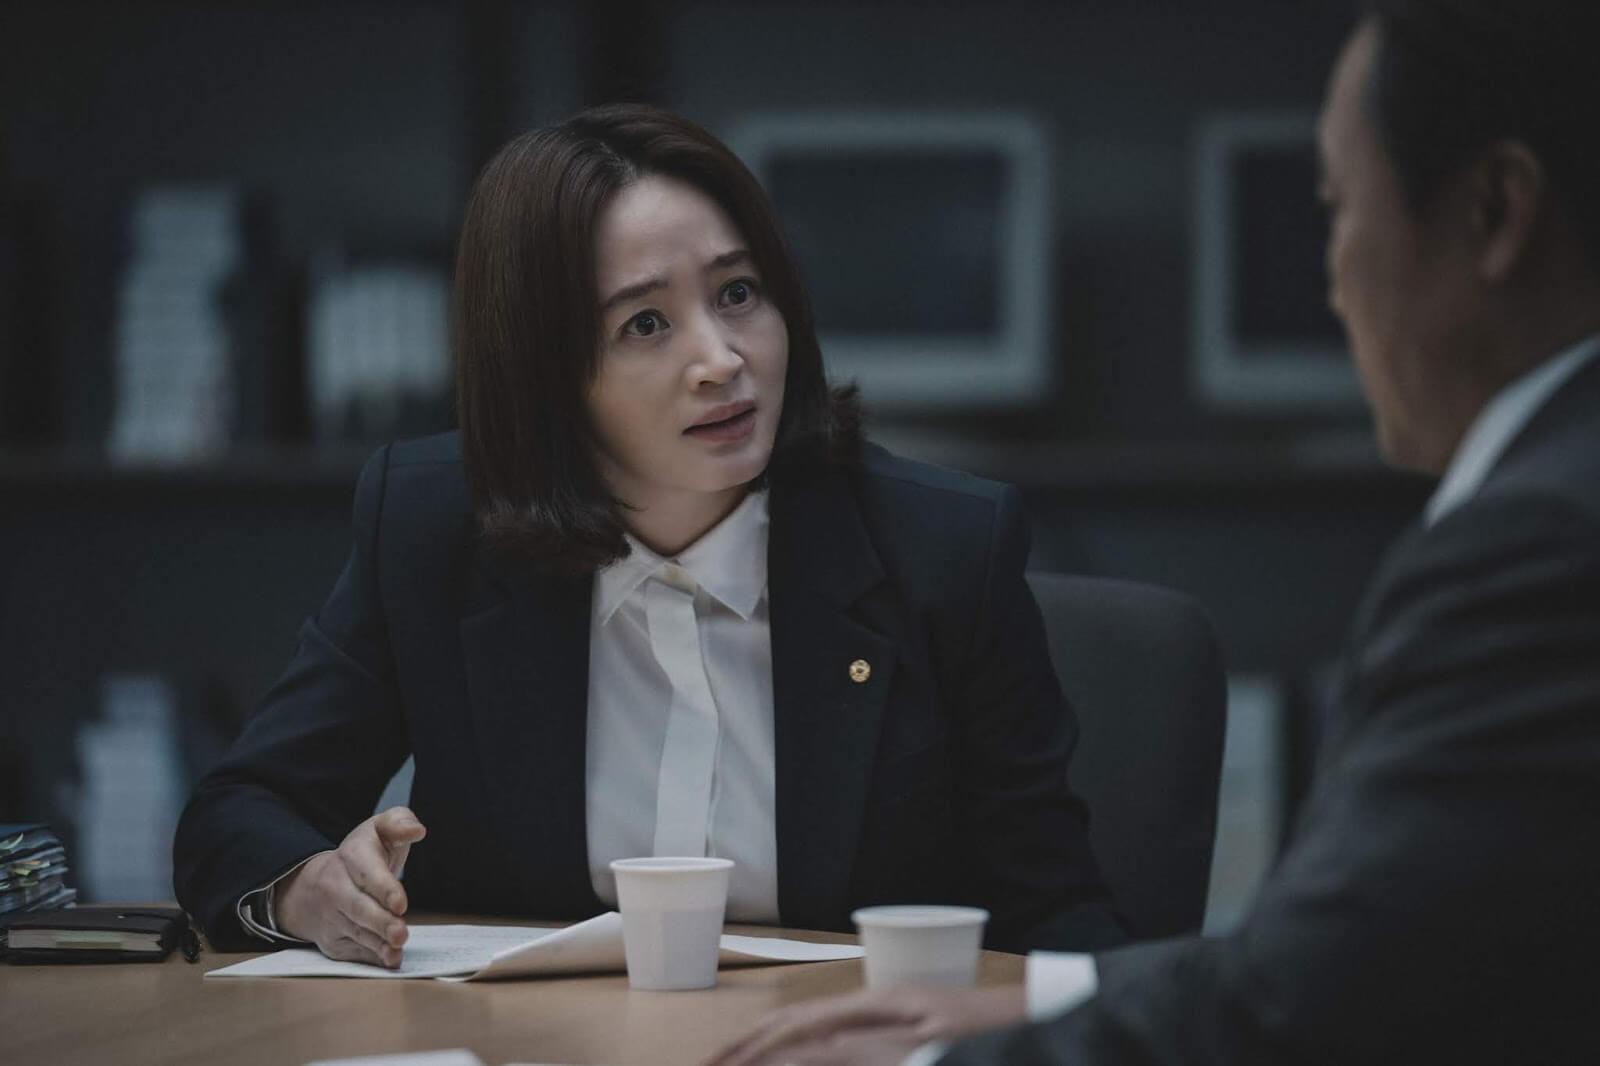 《分秒幣爭》女主角「韓組長」韓詩賢 / 金憓秀飾演。